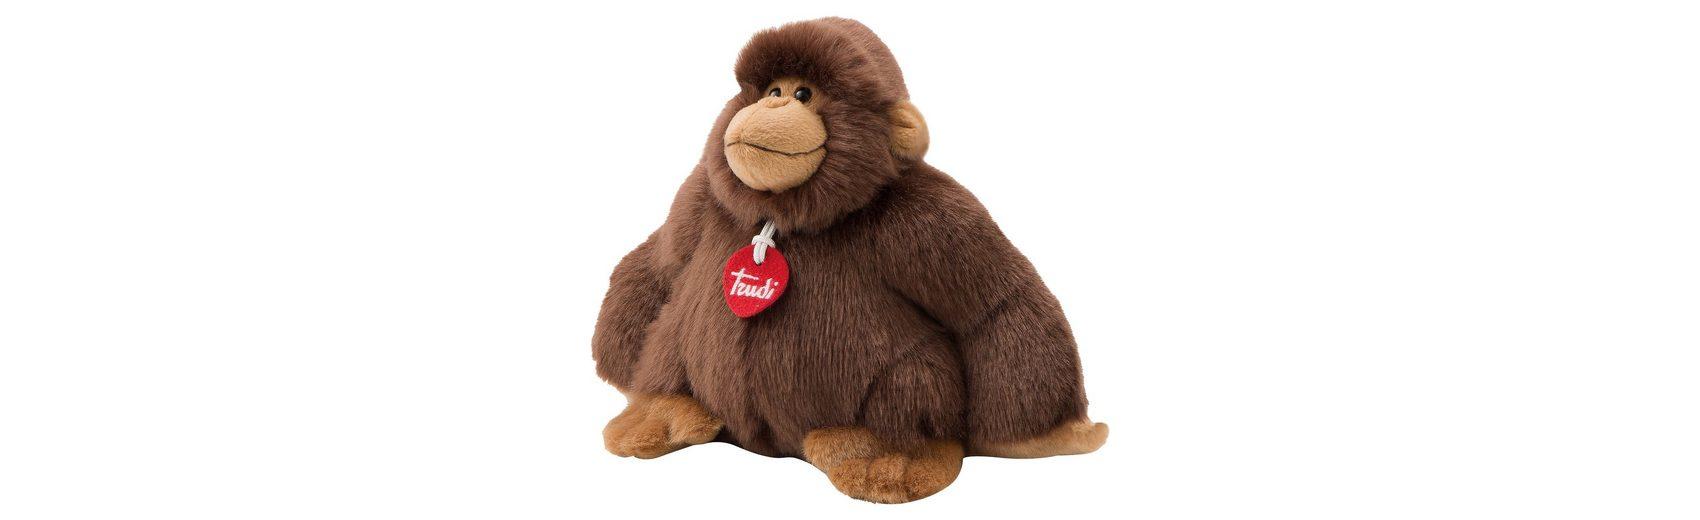 Trudi Gorilla Rocco, 25cm